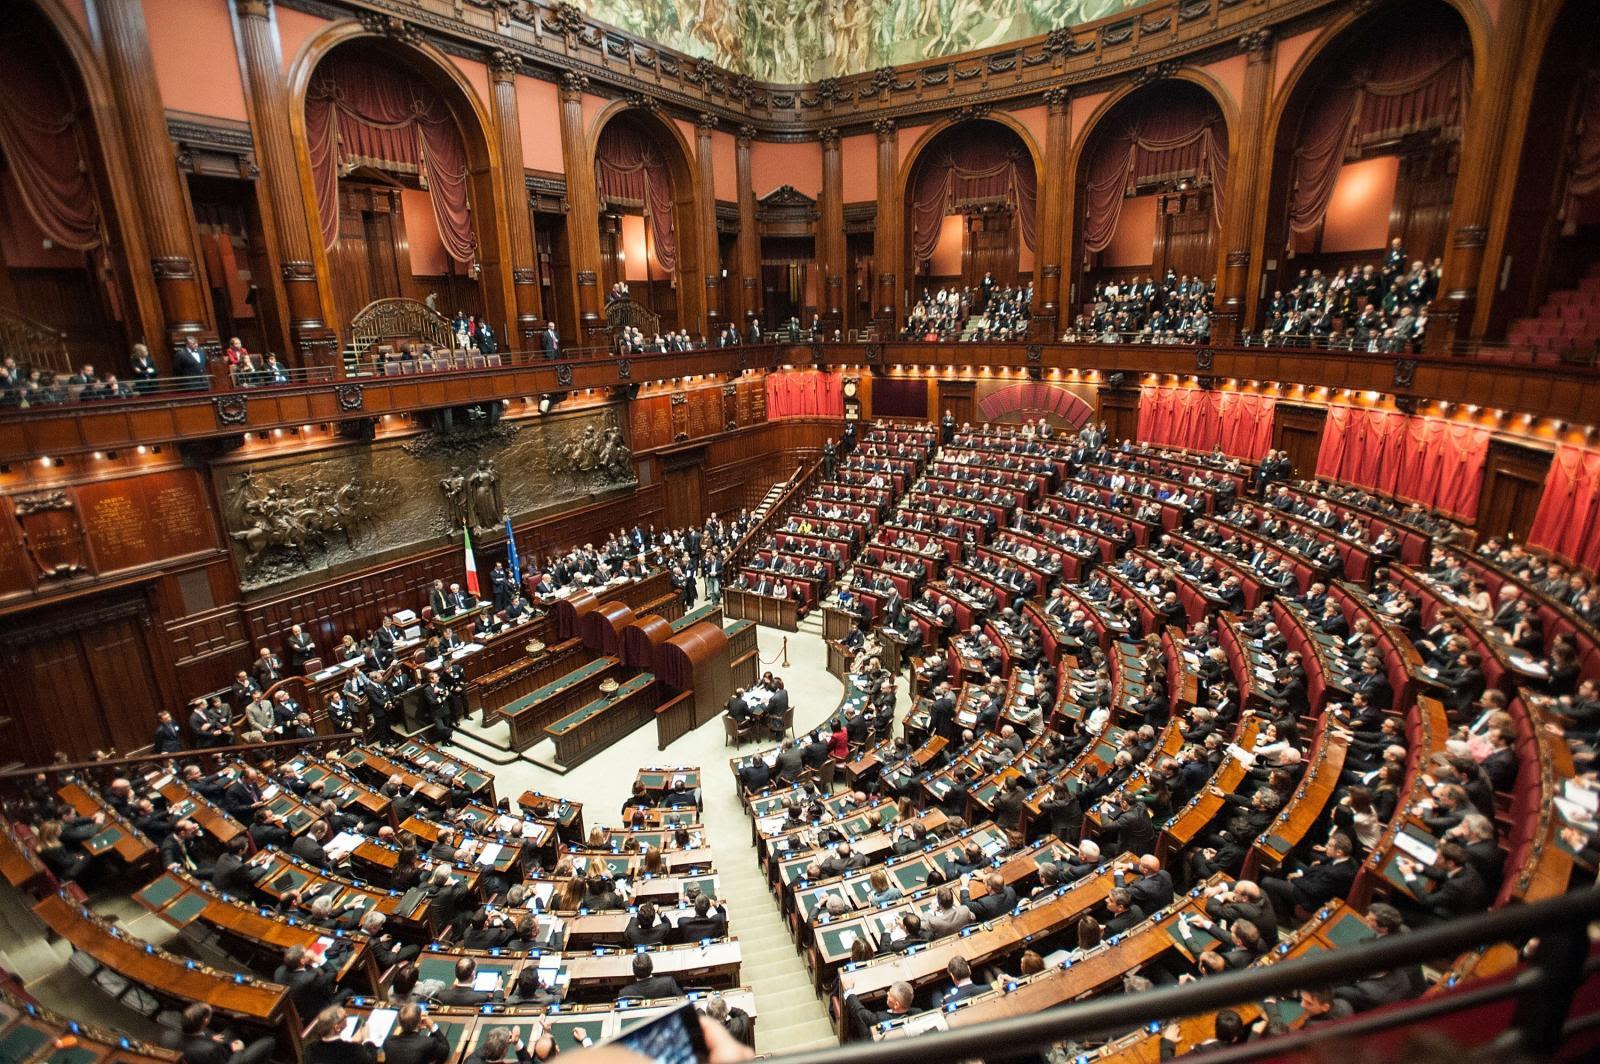 Αποτέλεσμα εικόνας για italian parliament